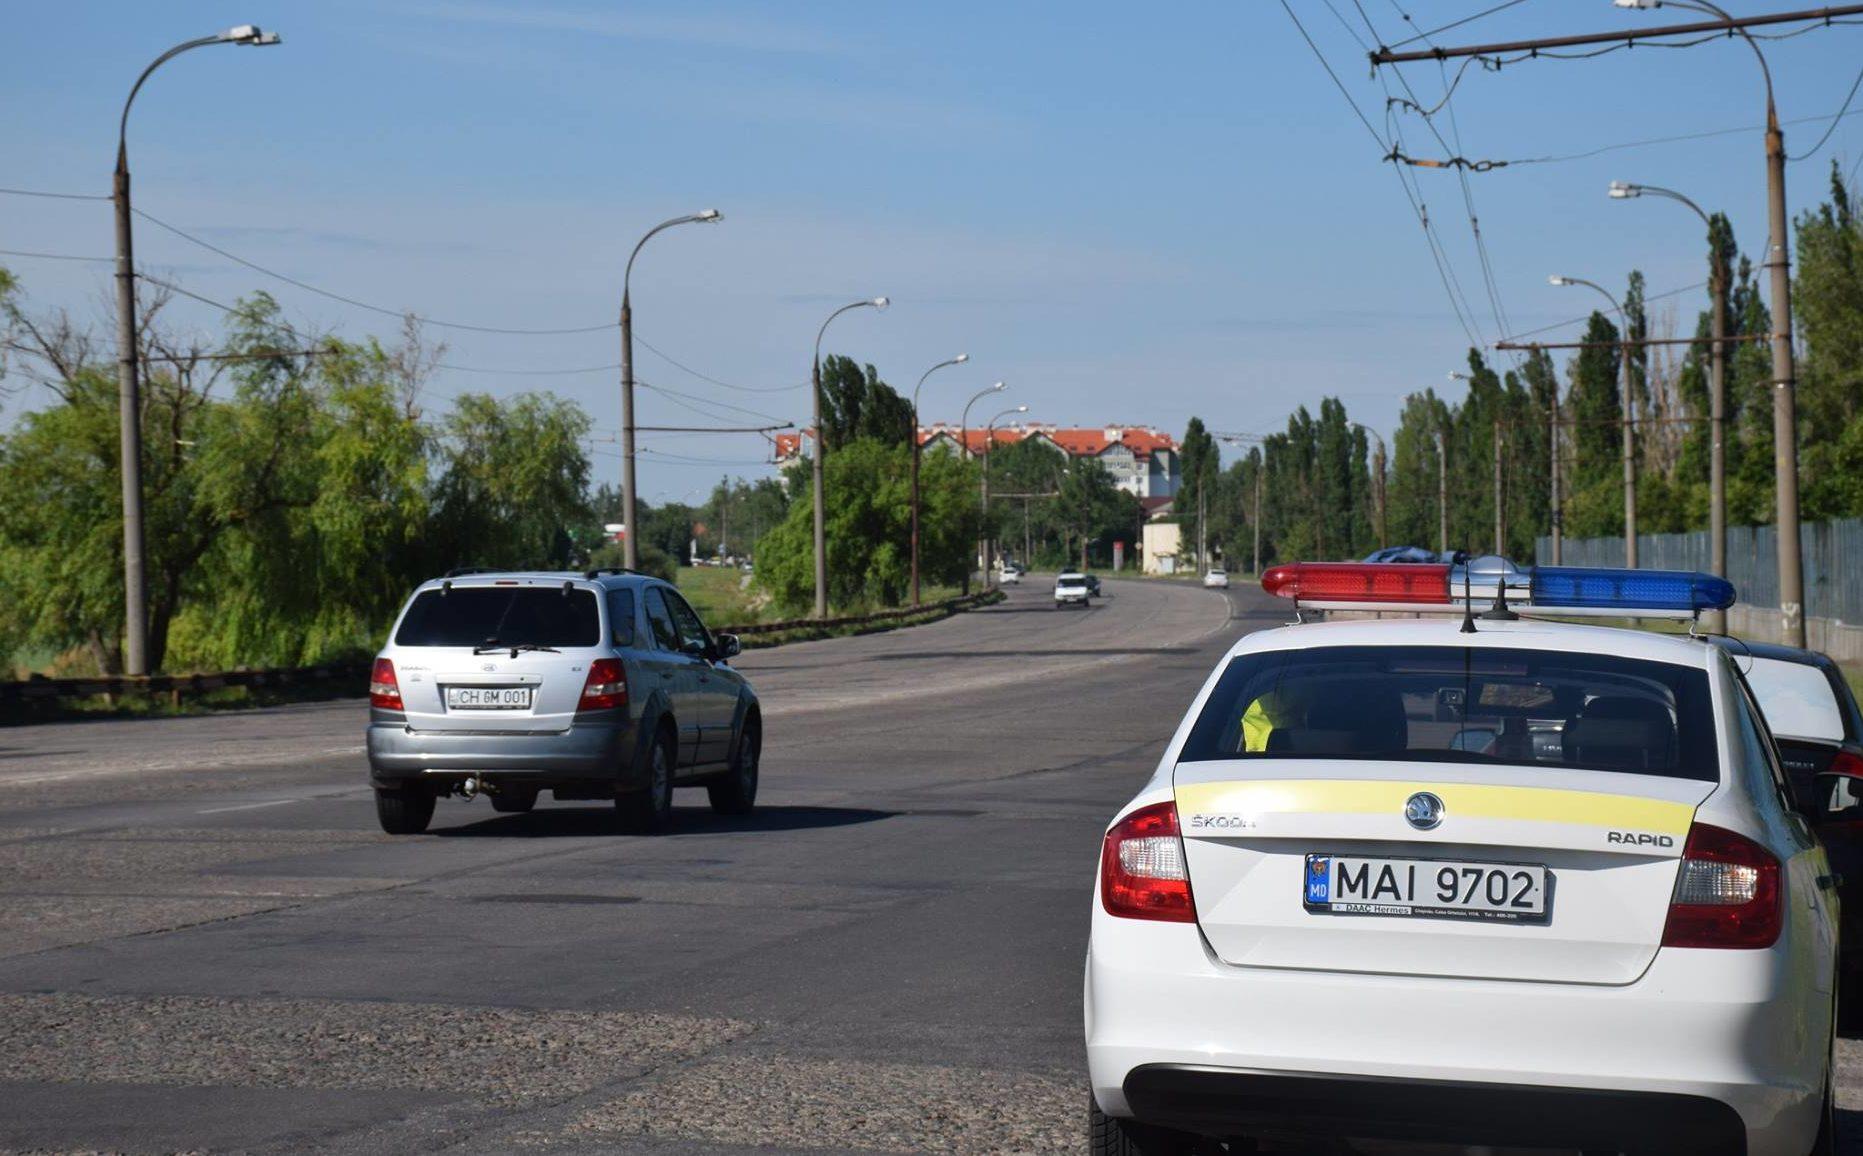 Restricții de circulație în cadrul vizitei oficiale a premierului României în Republica Moldova